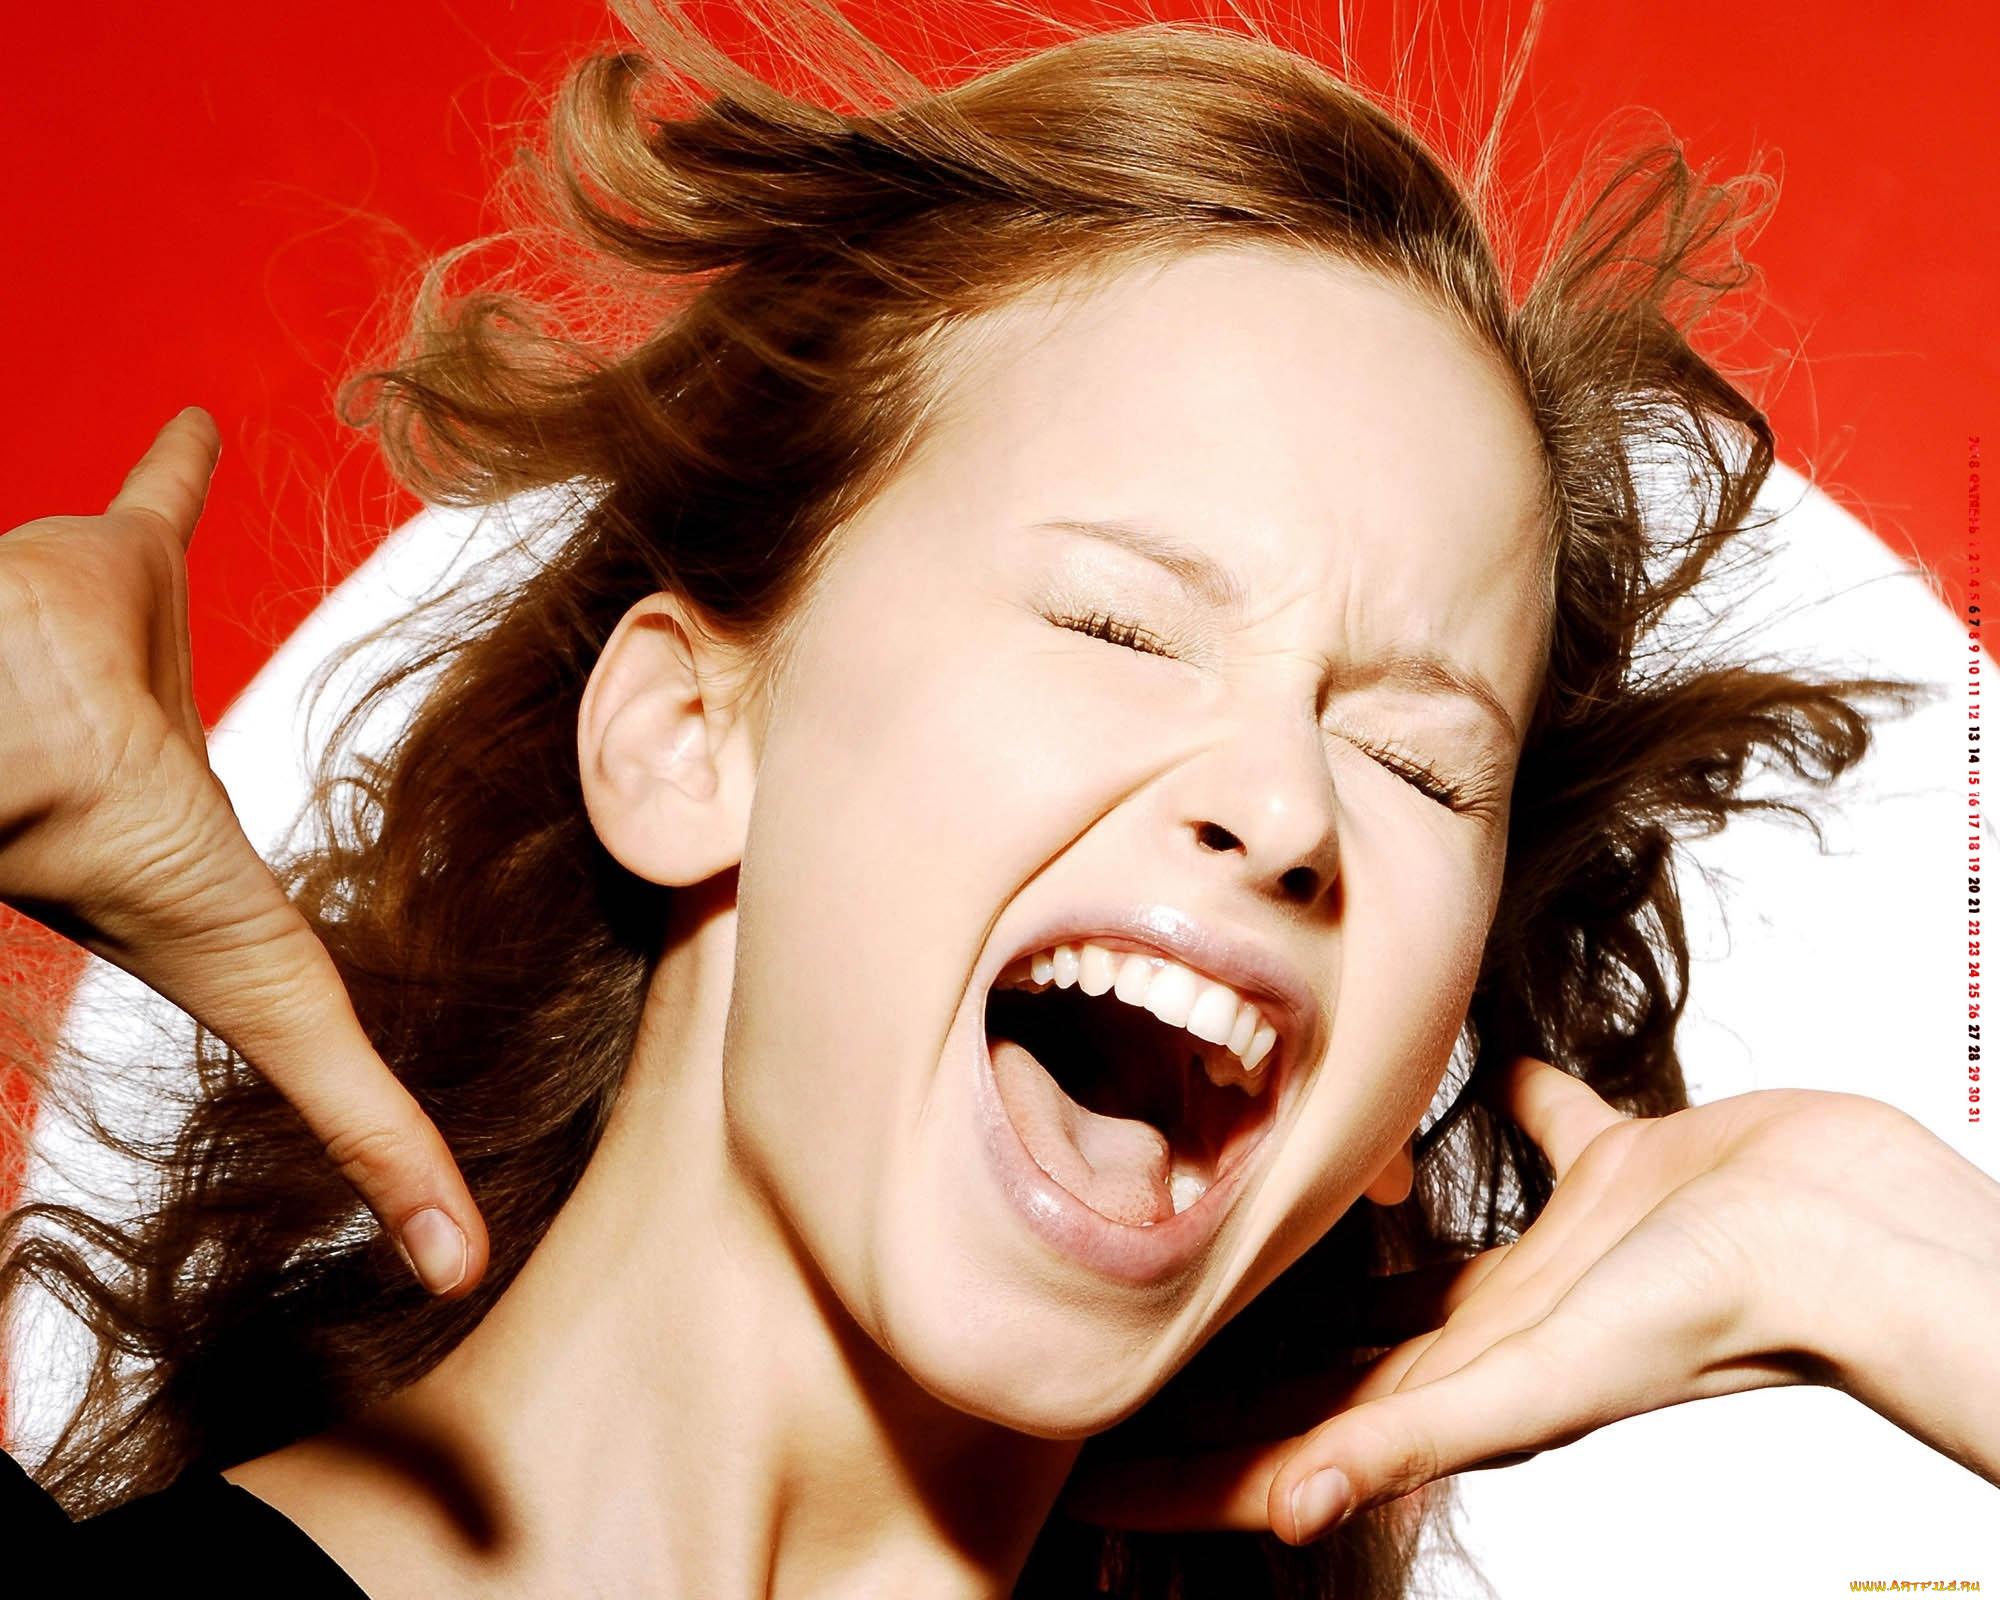 способ превратить счастье неадекватность картинки порадует своим удобством